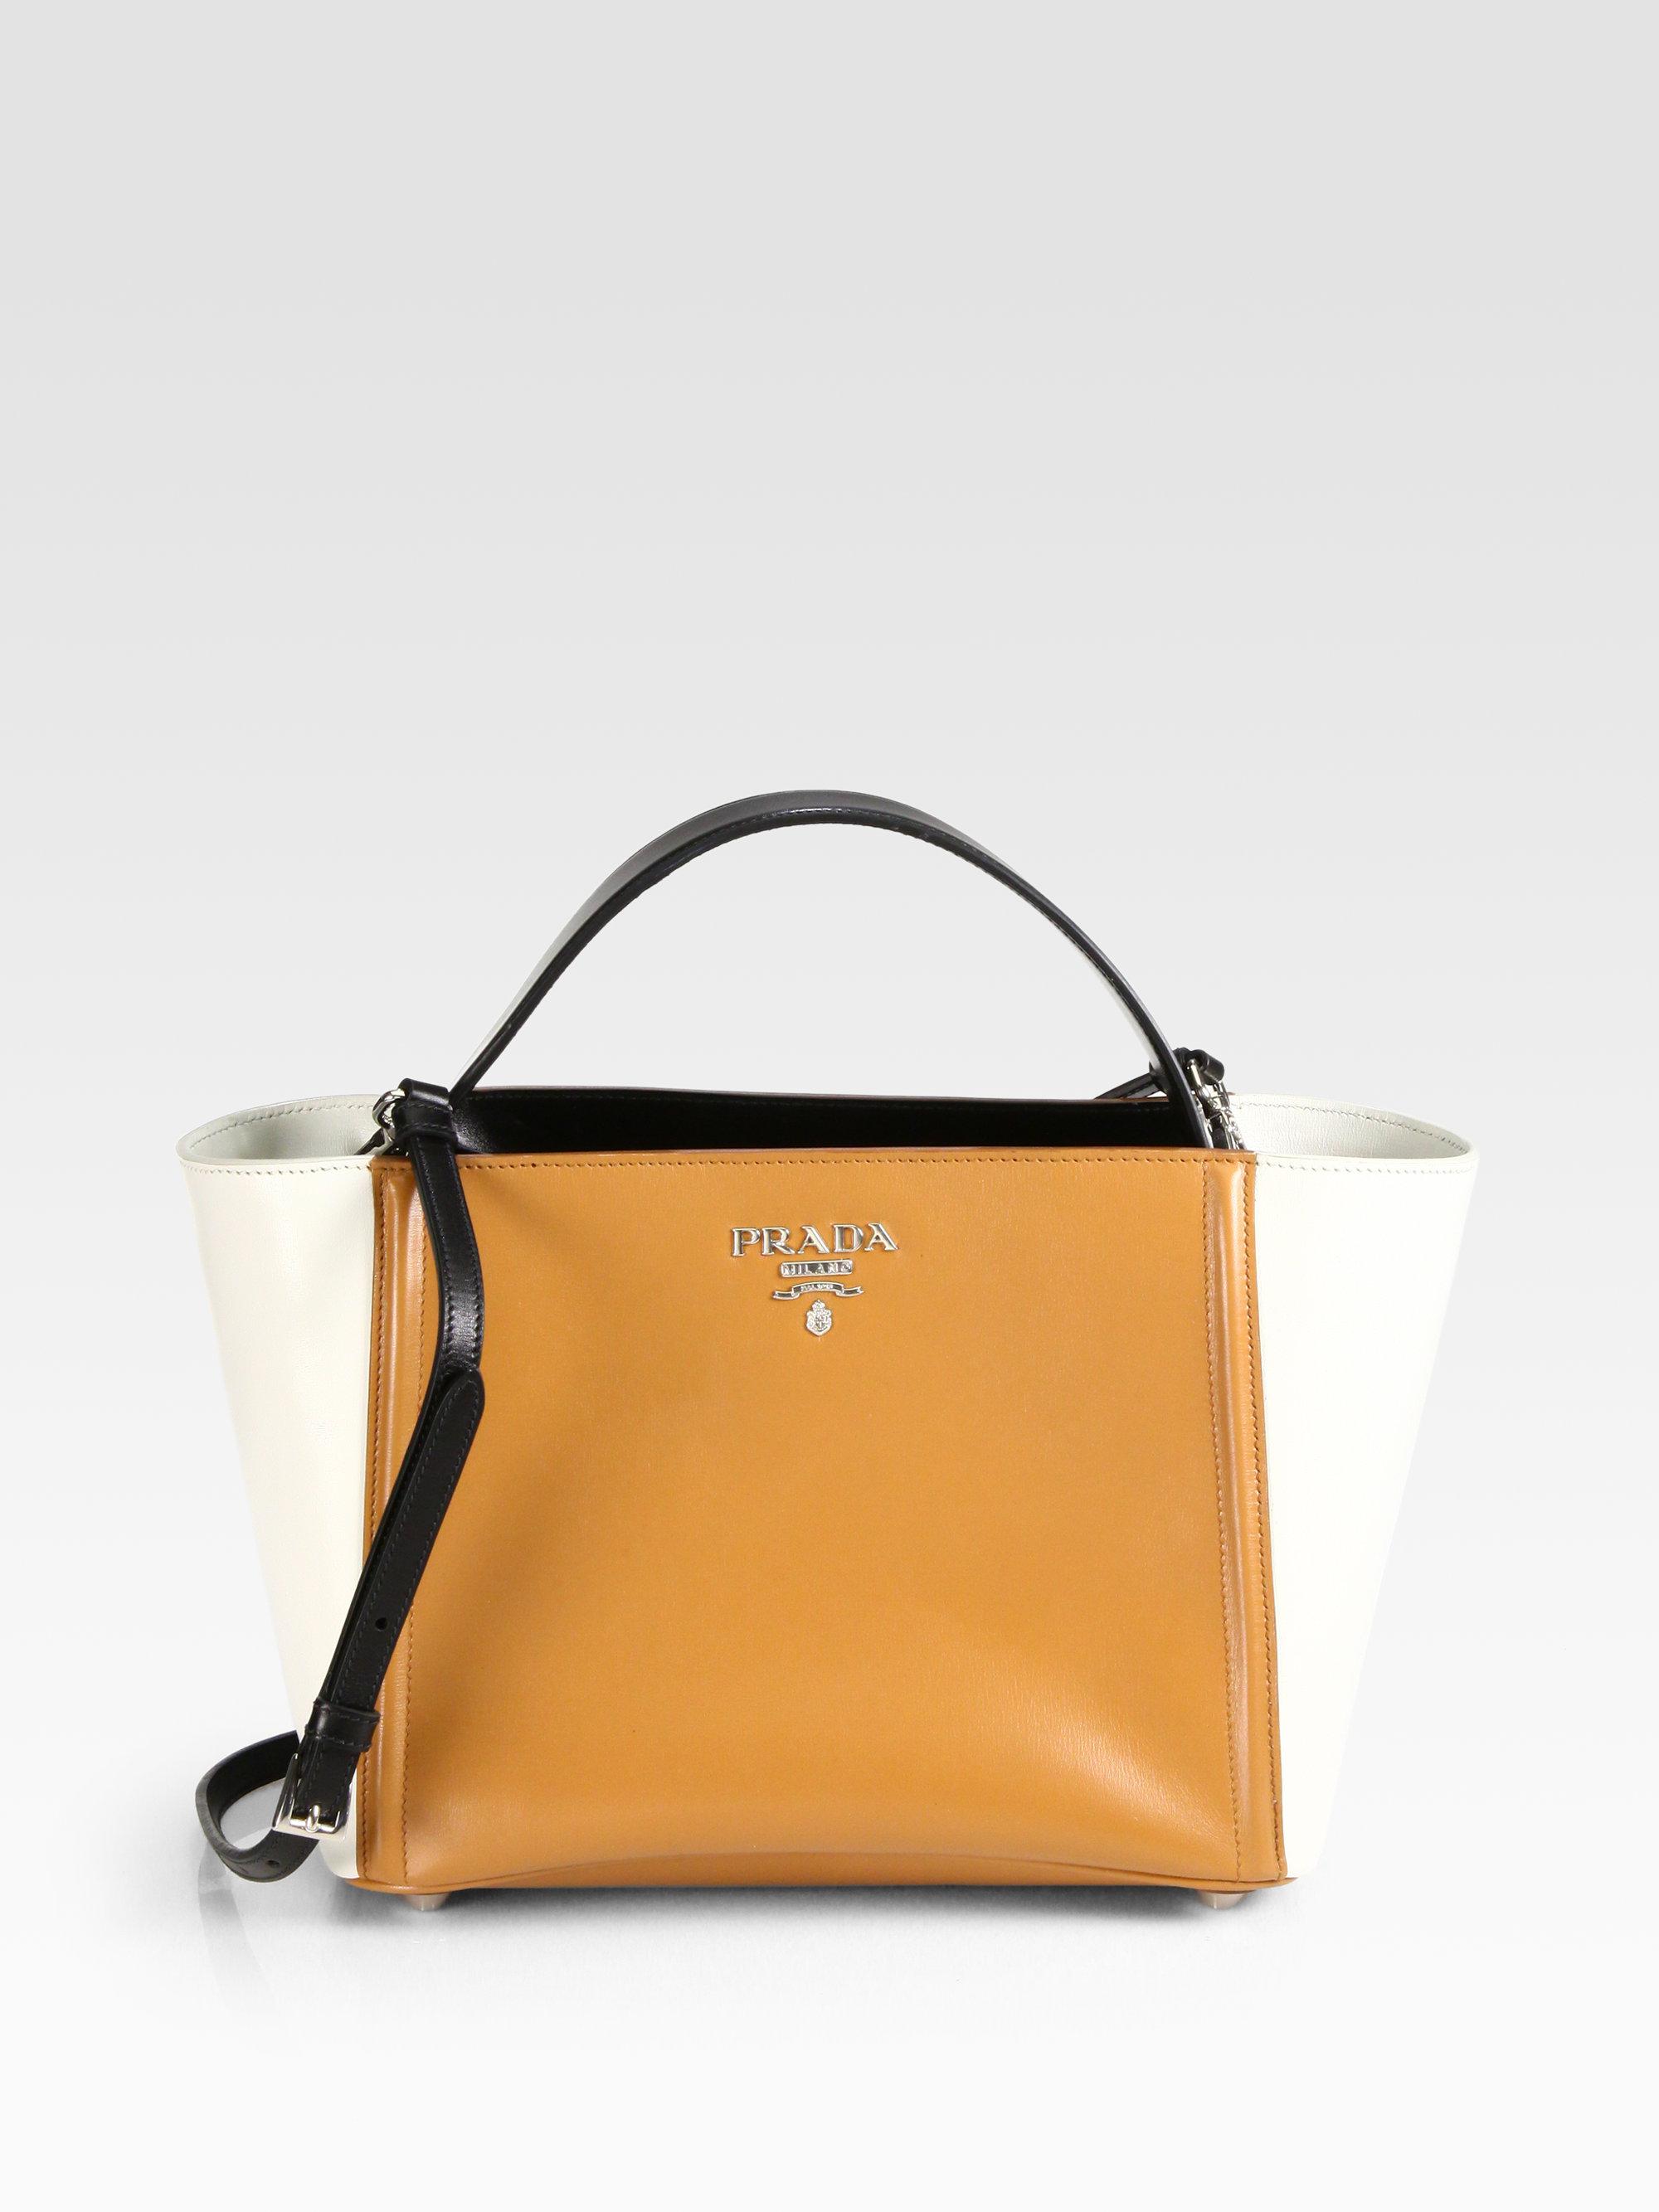 Prada Bags: Prada Bag Box